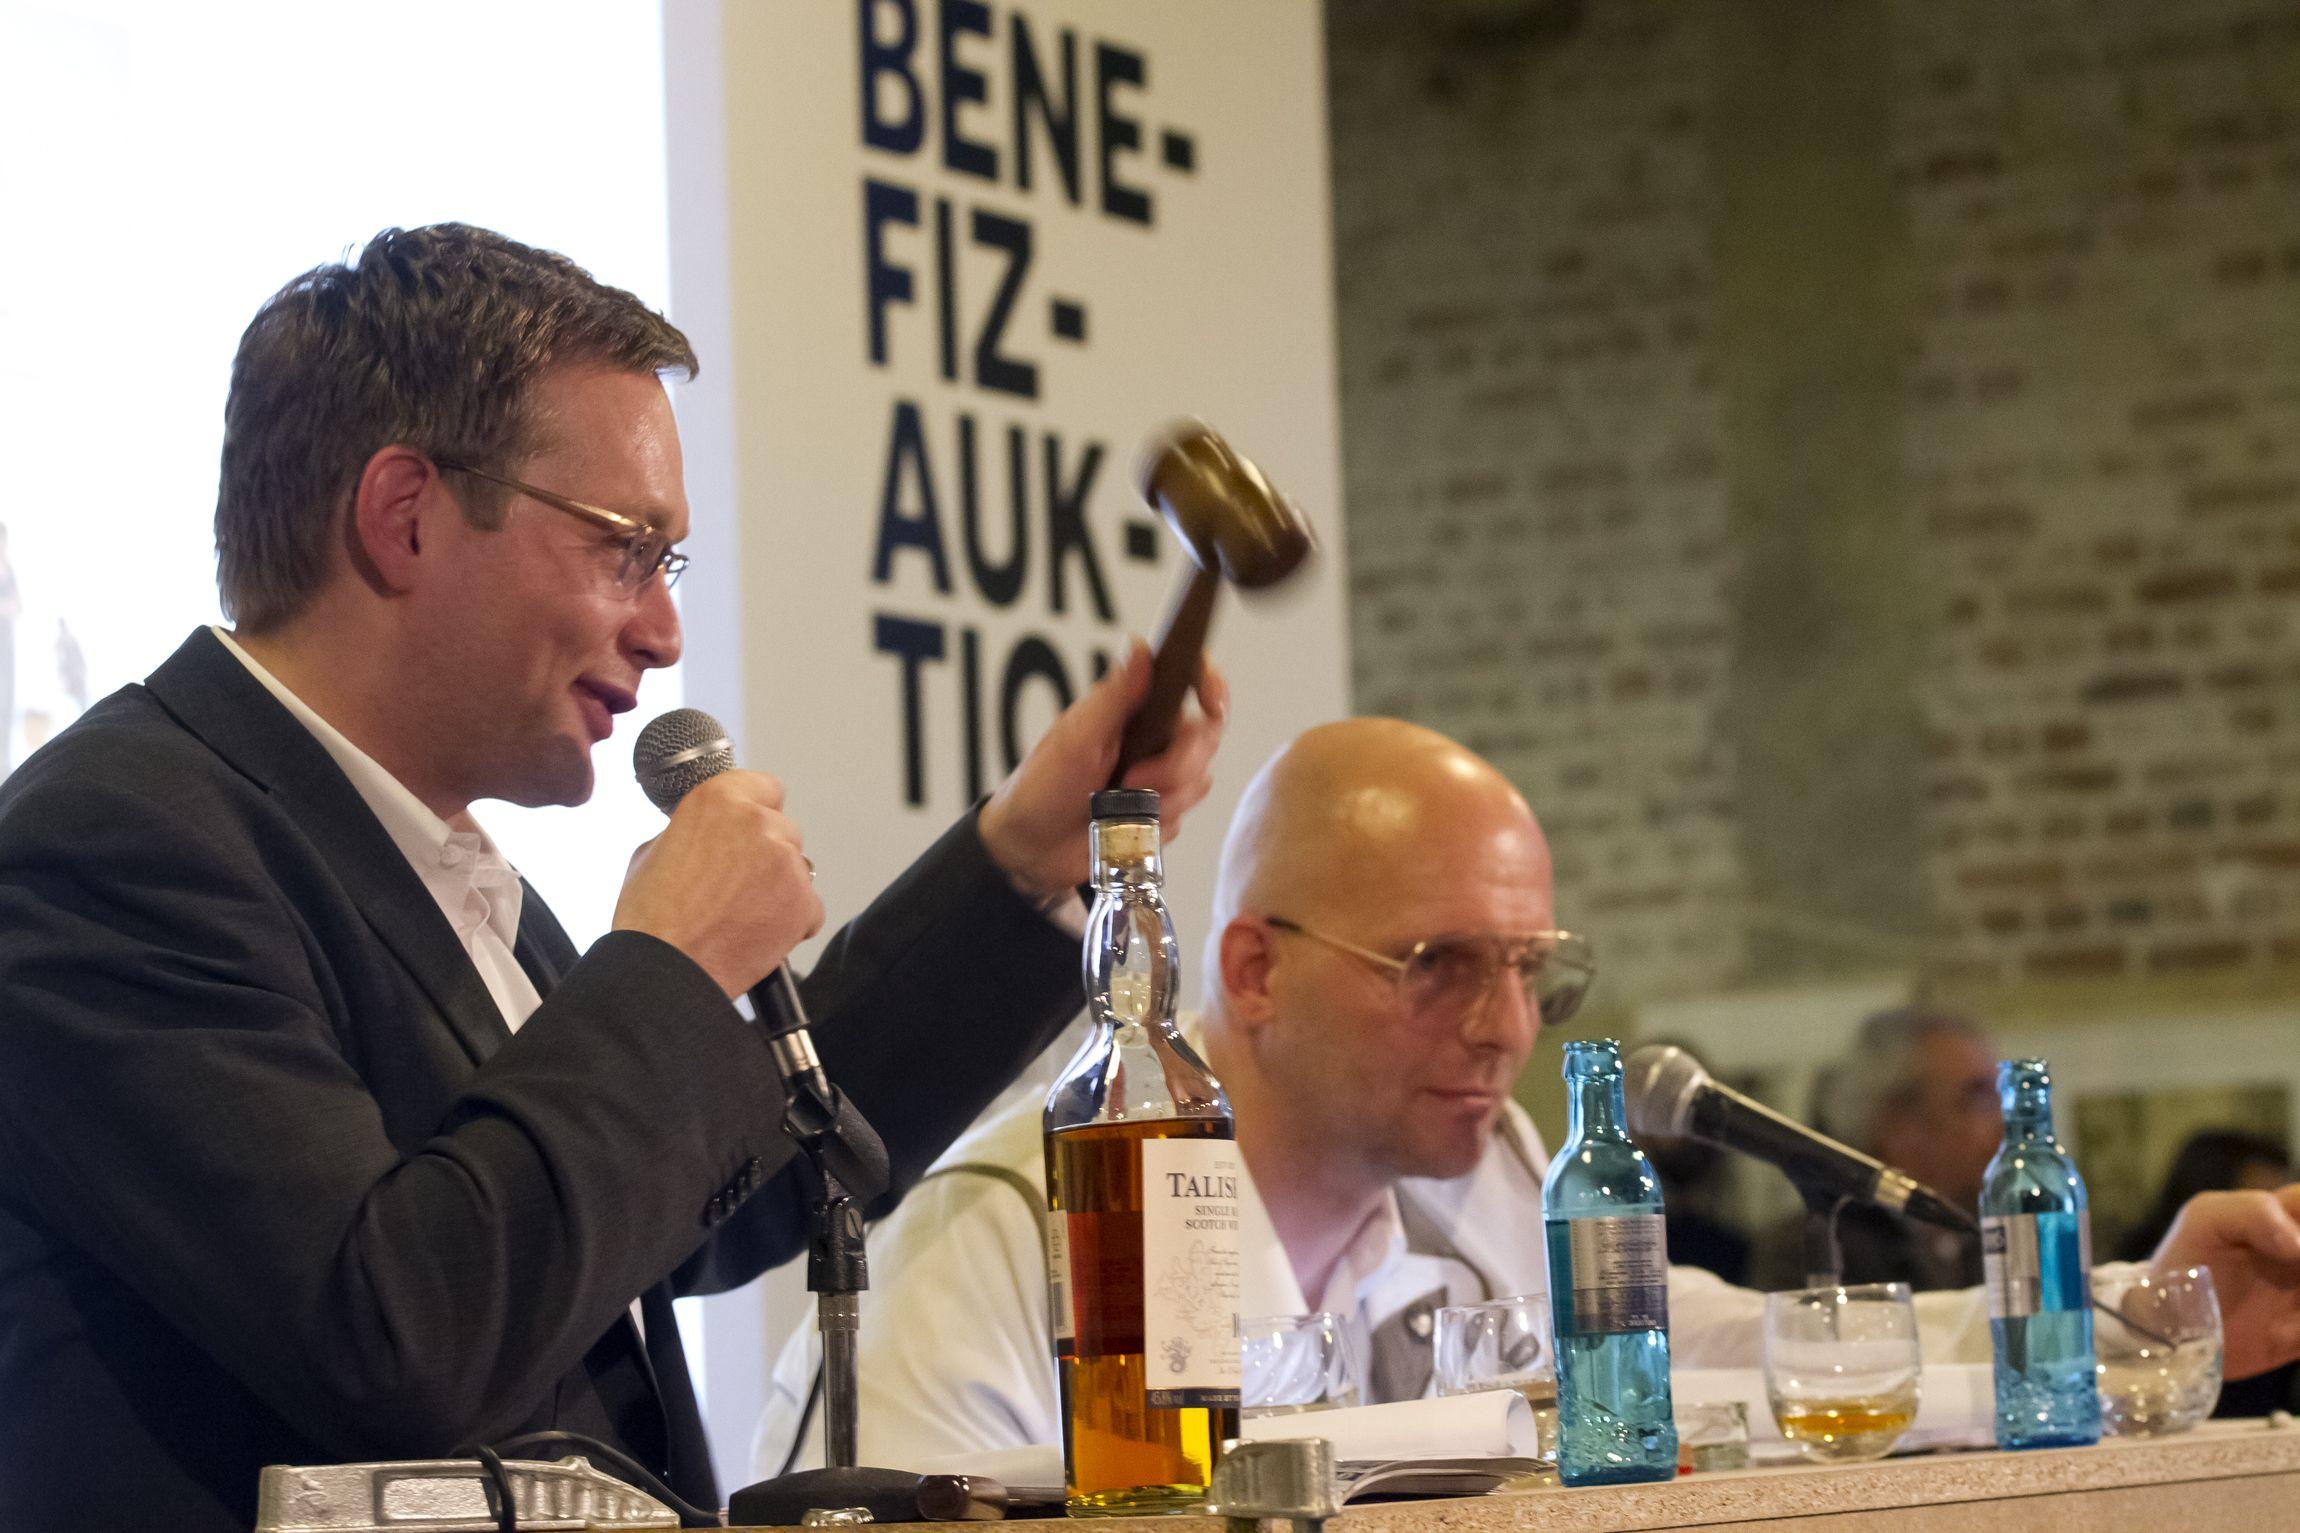 Clemens Meyer und Uwe Karsten Günther bei der Benefiz Auktion 2014 © Sandra Neuhaus